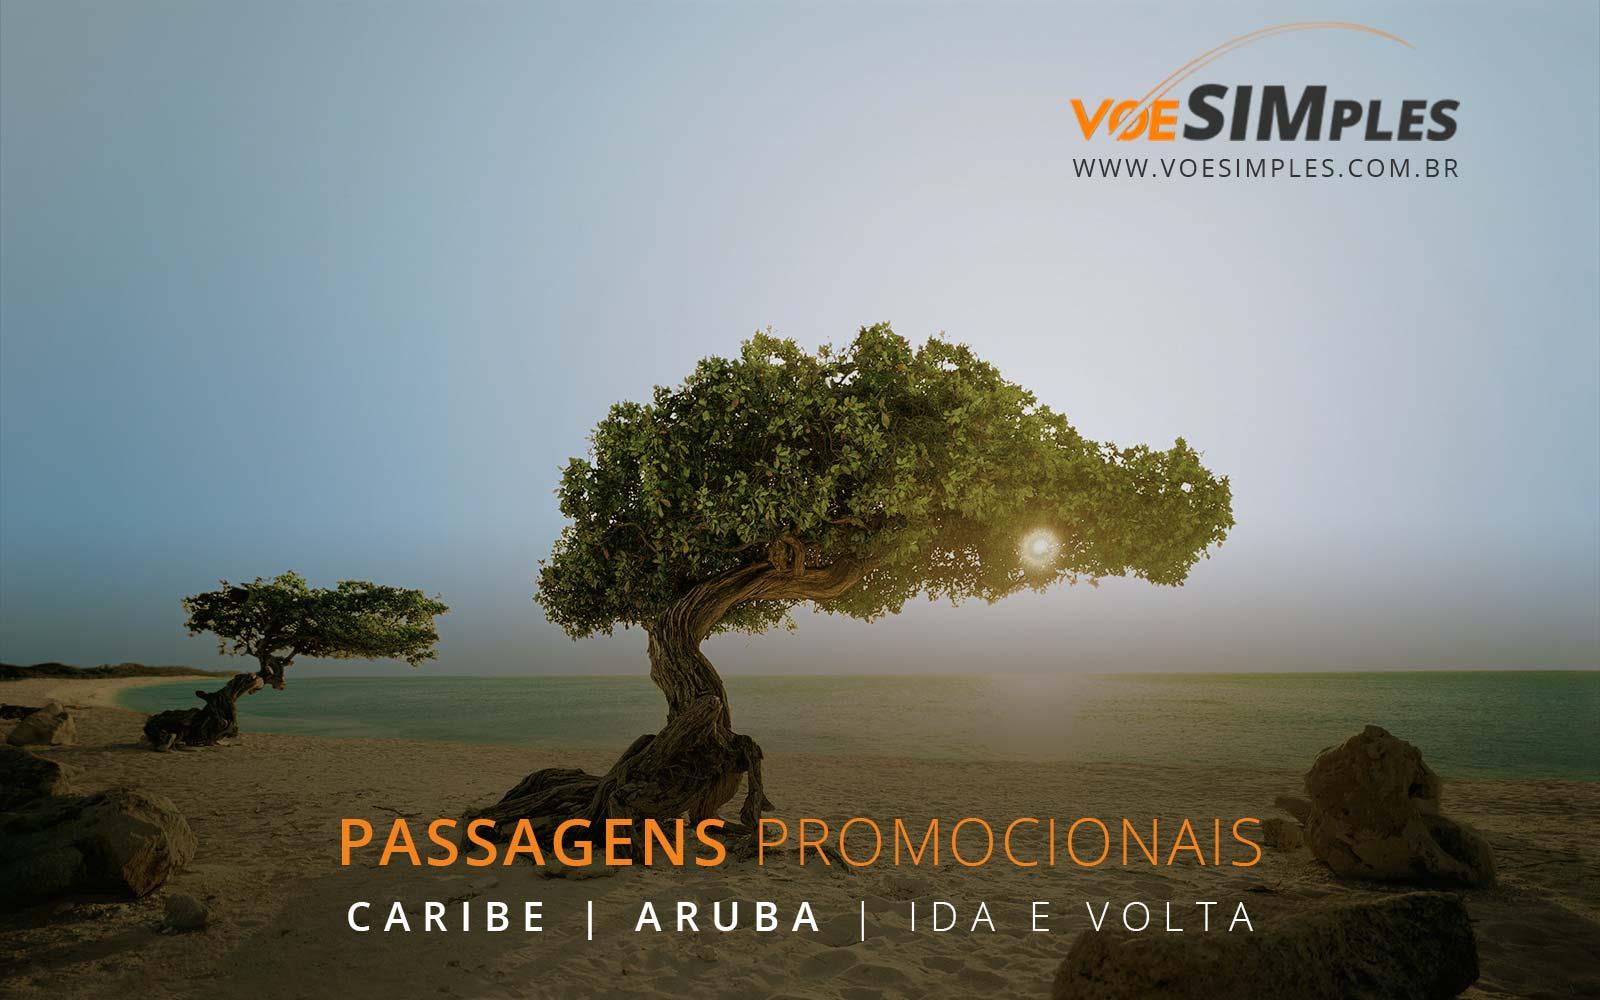 Promoção de passagens aéreas para Aruba no Caribe